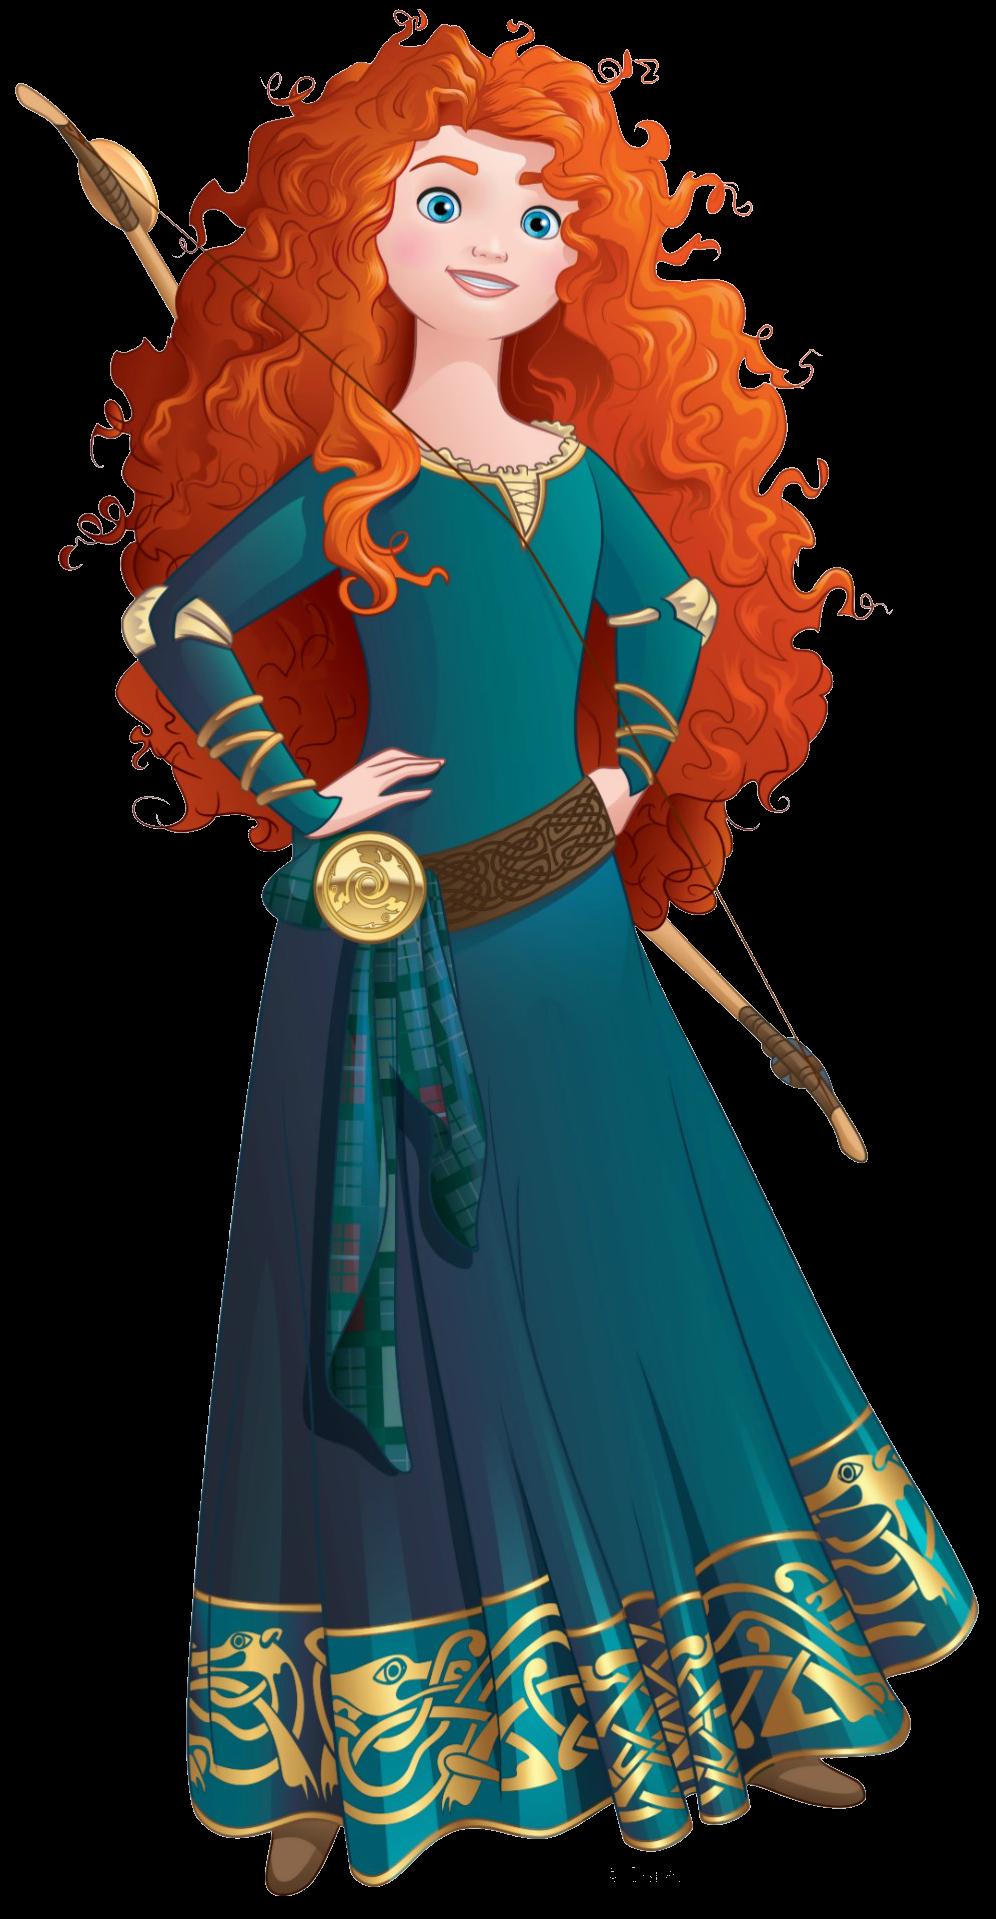 Merida Brave- Disney Official Princesses Princess